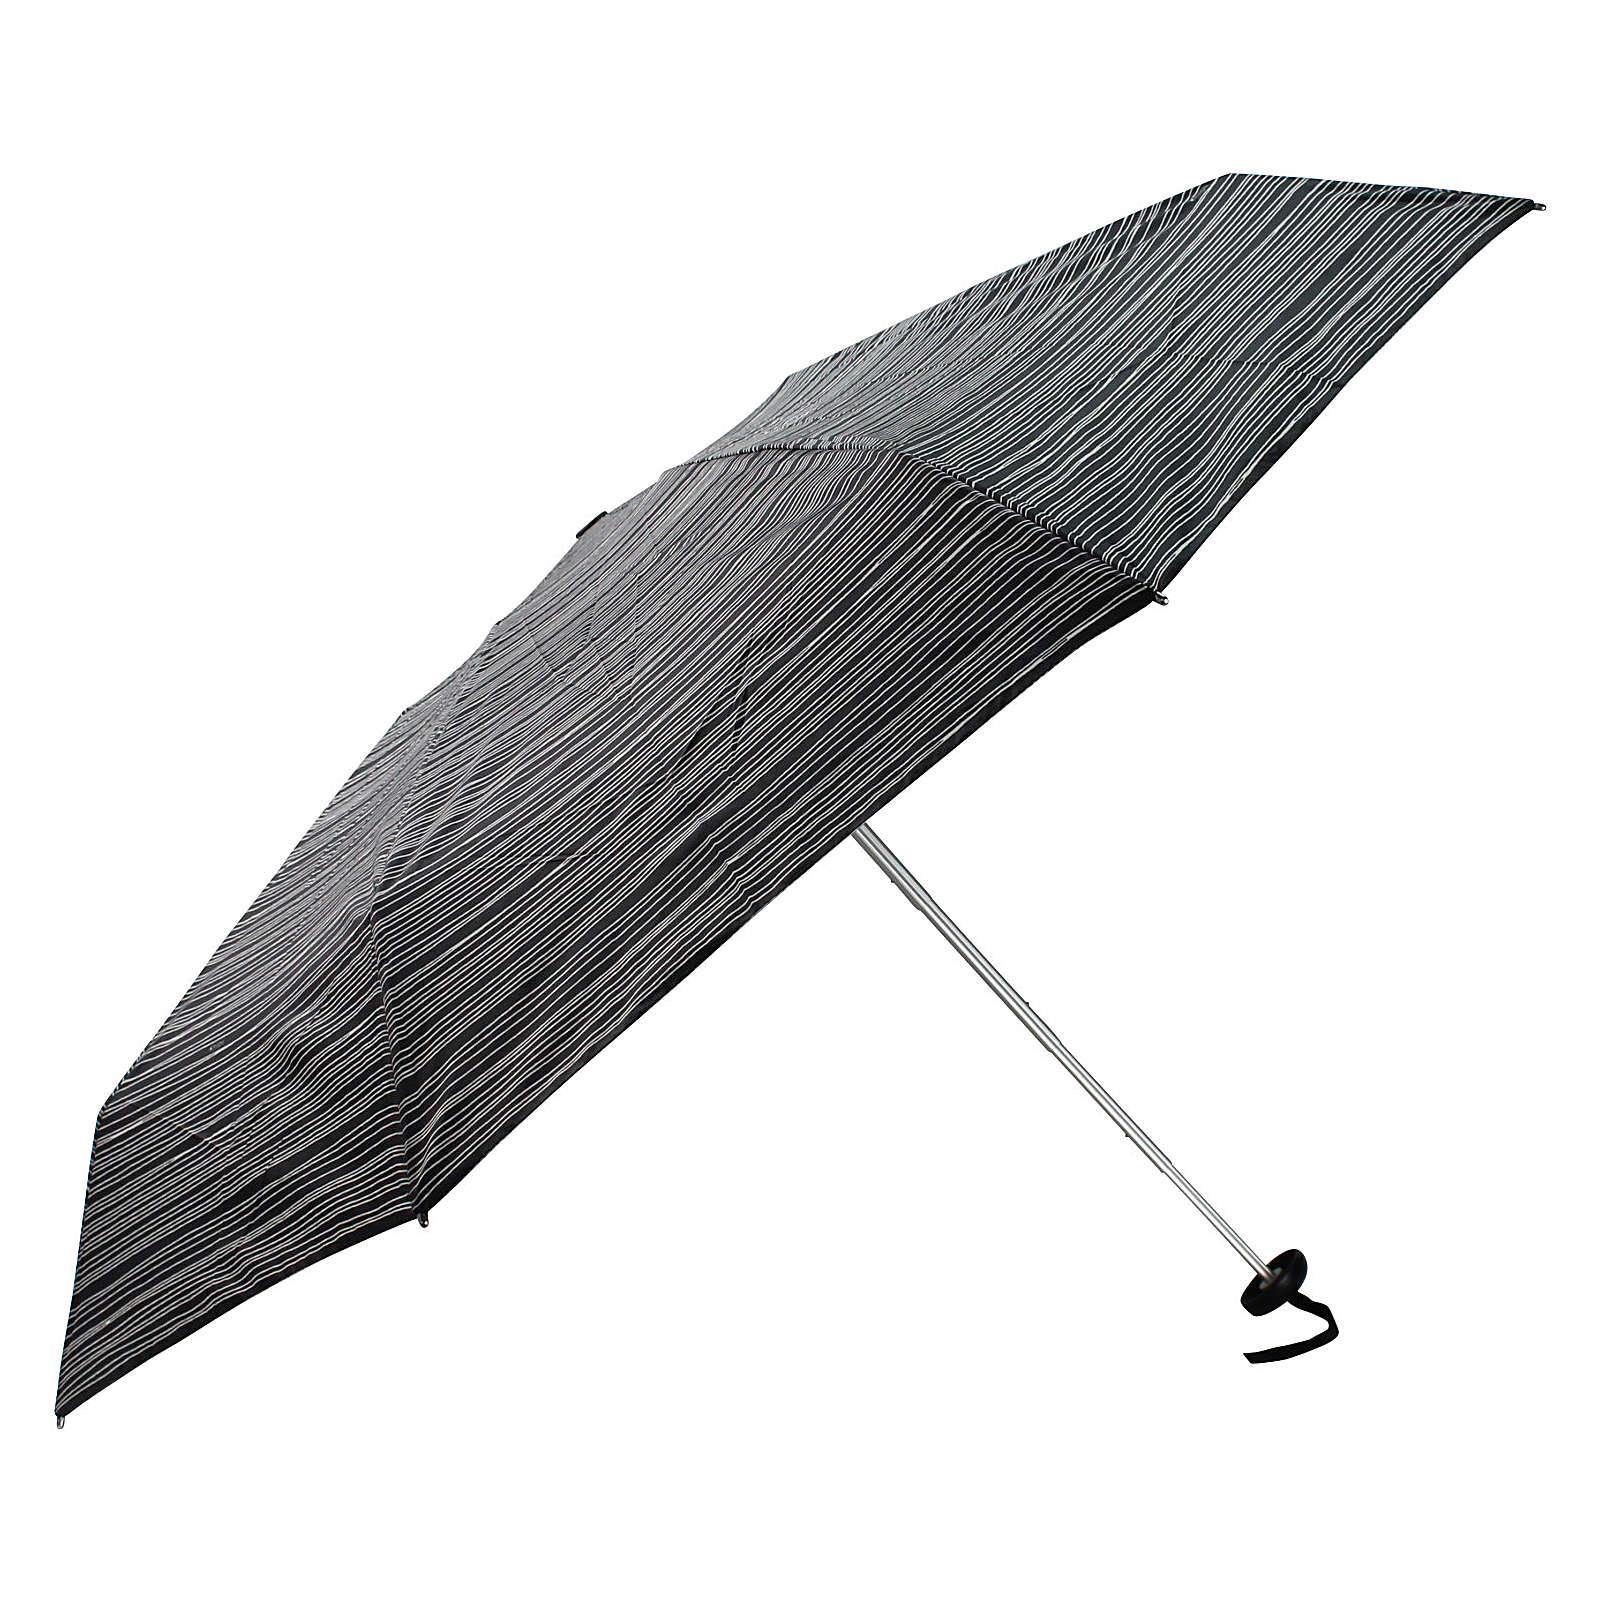 Knirps Taschenschirme X1 16,5 cm - stripes black - broschei